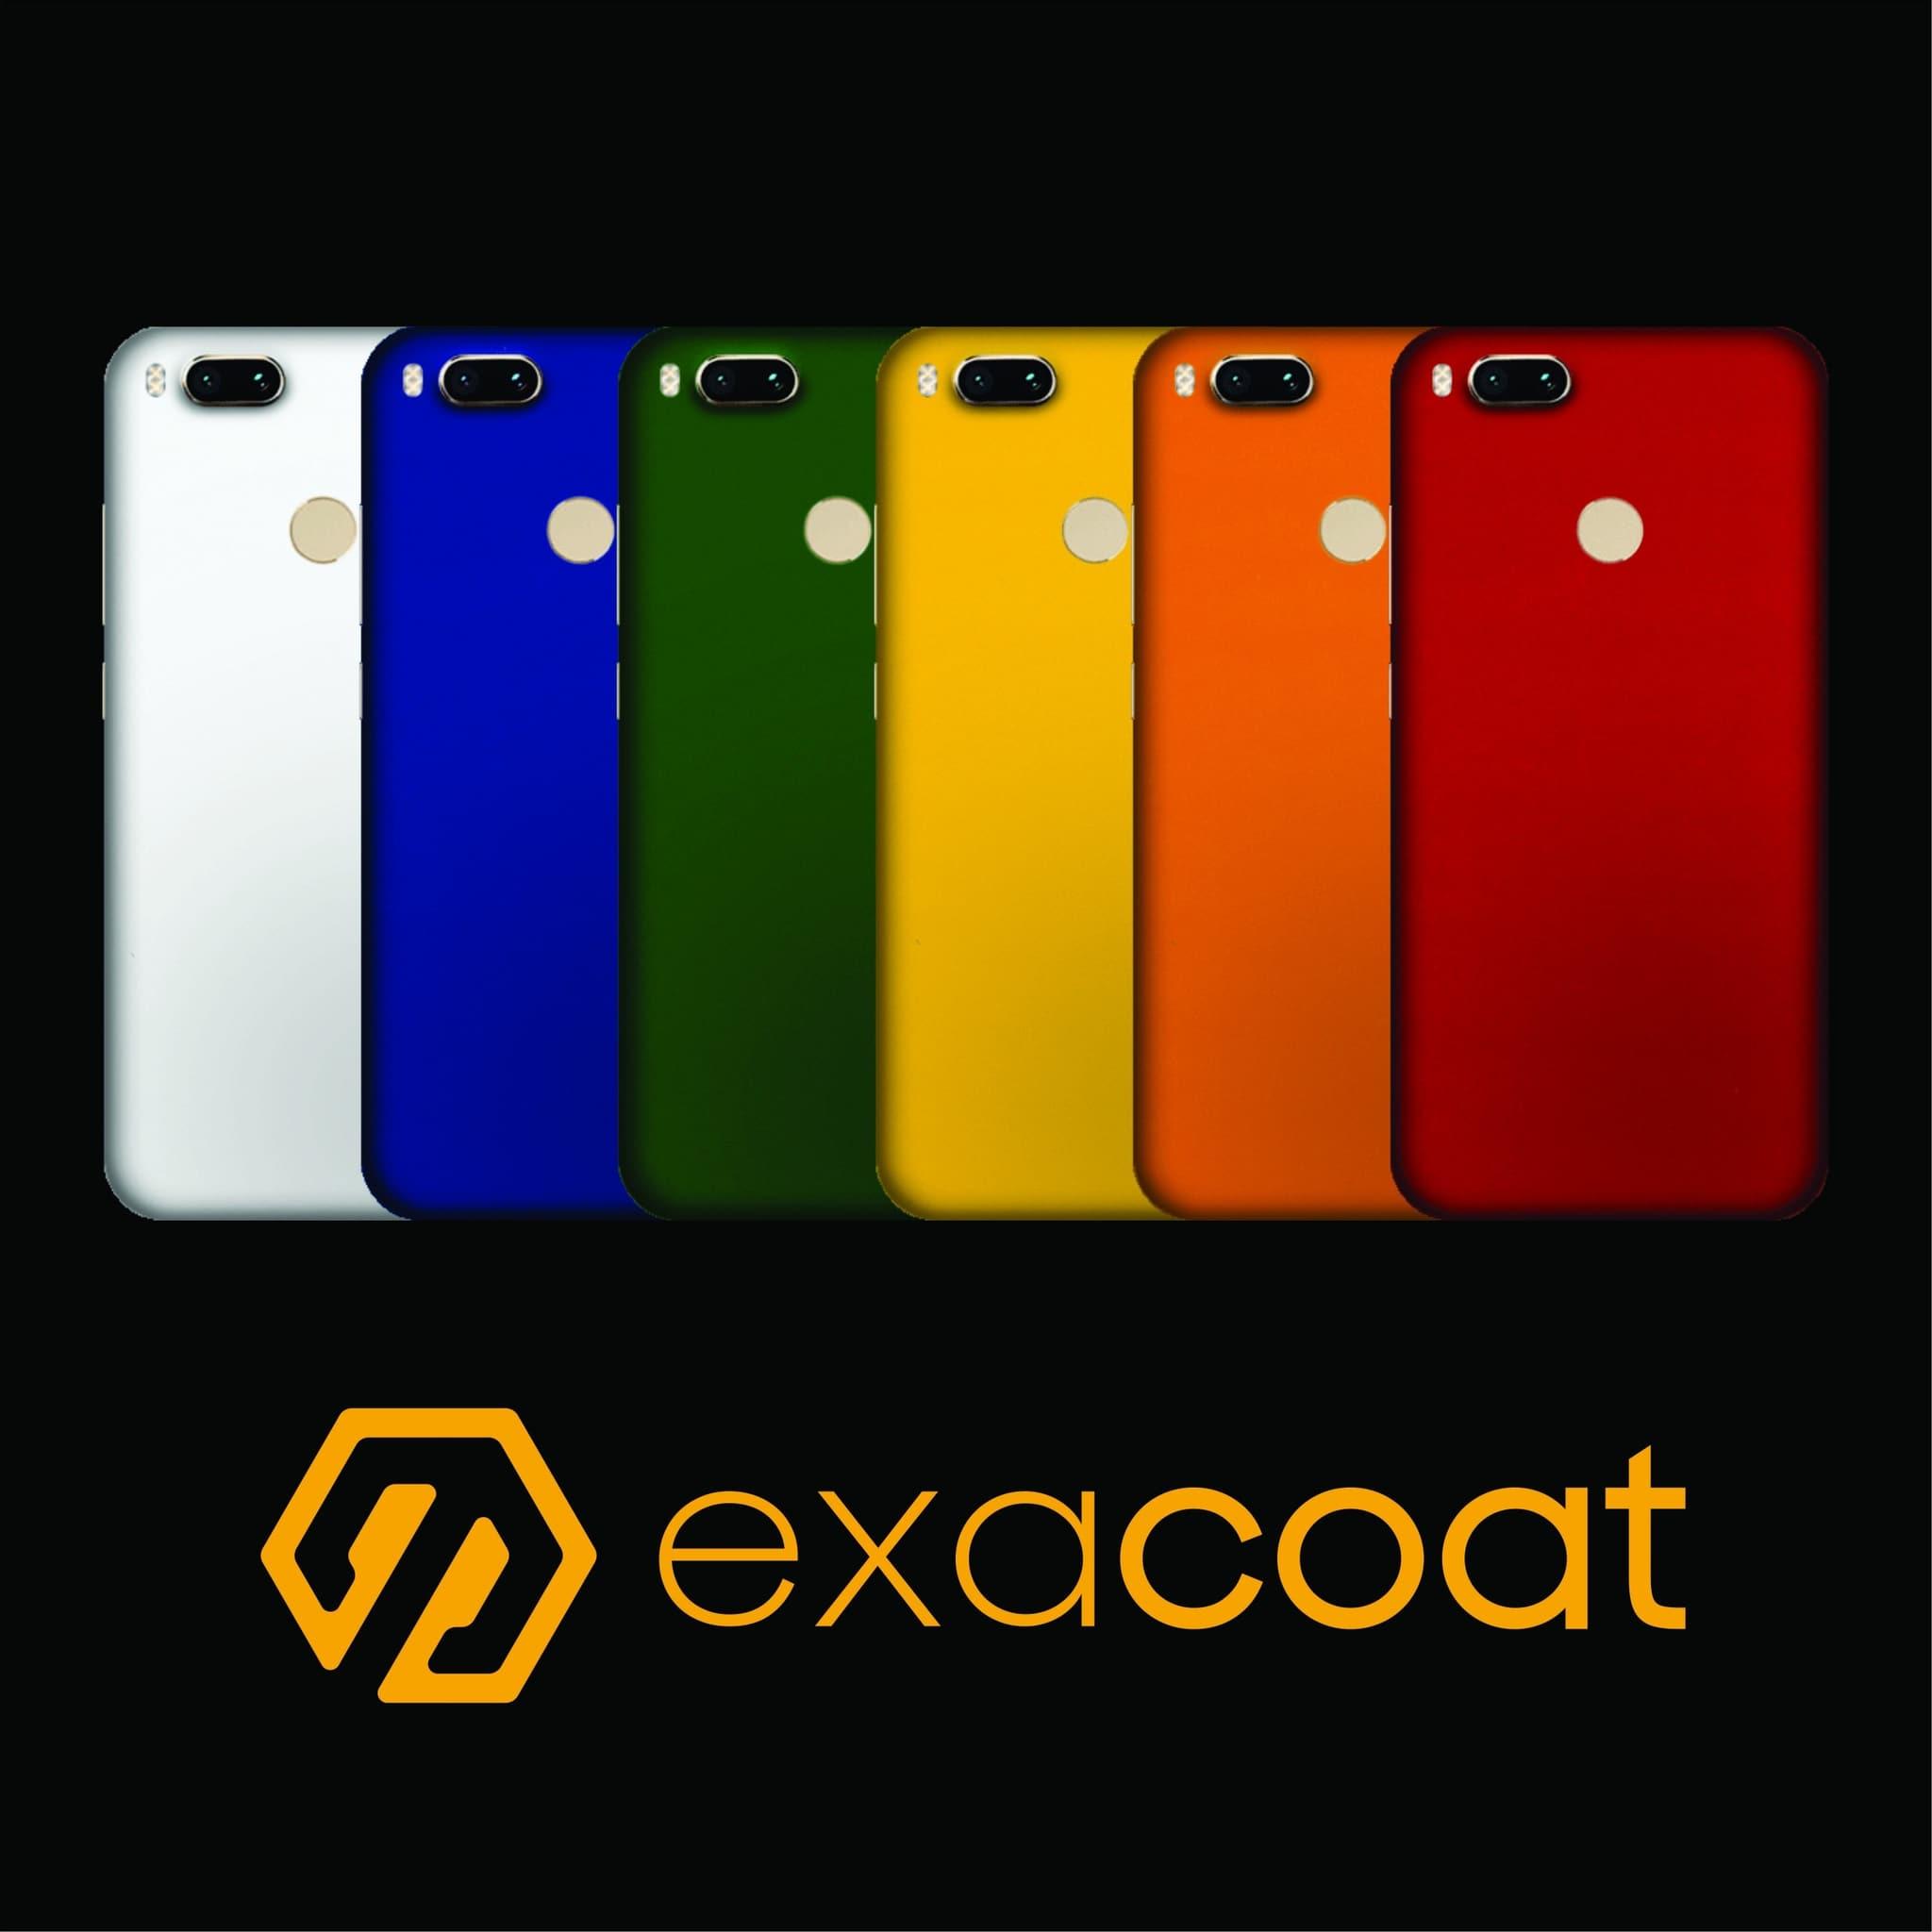 Jual [EXACOAT] Xiaomi Mi A1 3M Skin Garskin True Colors Exacoat